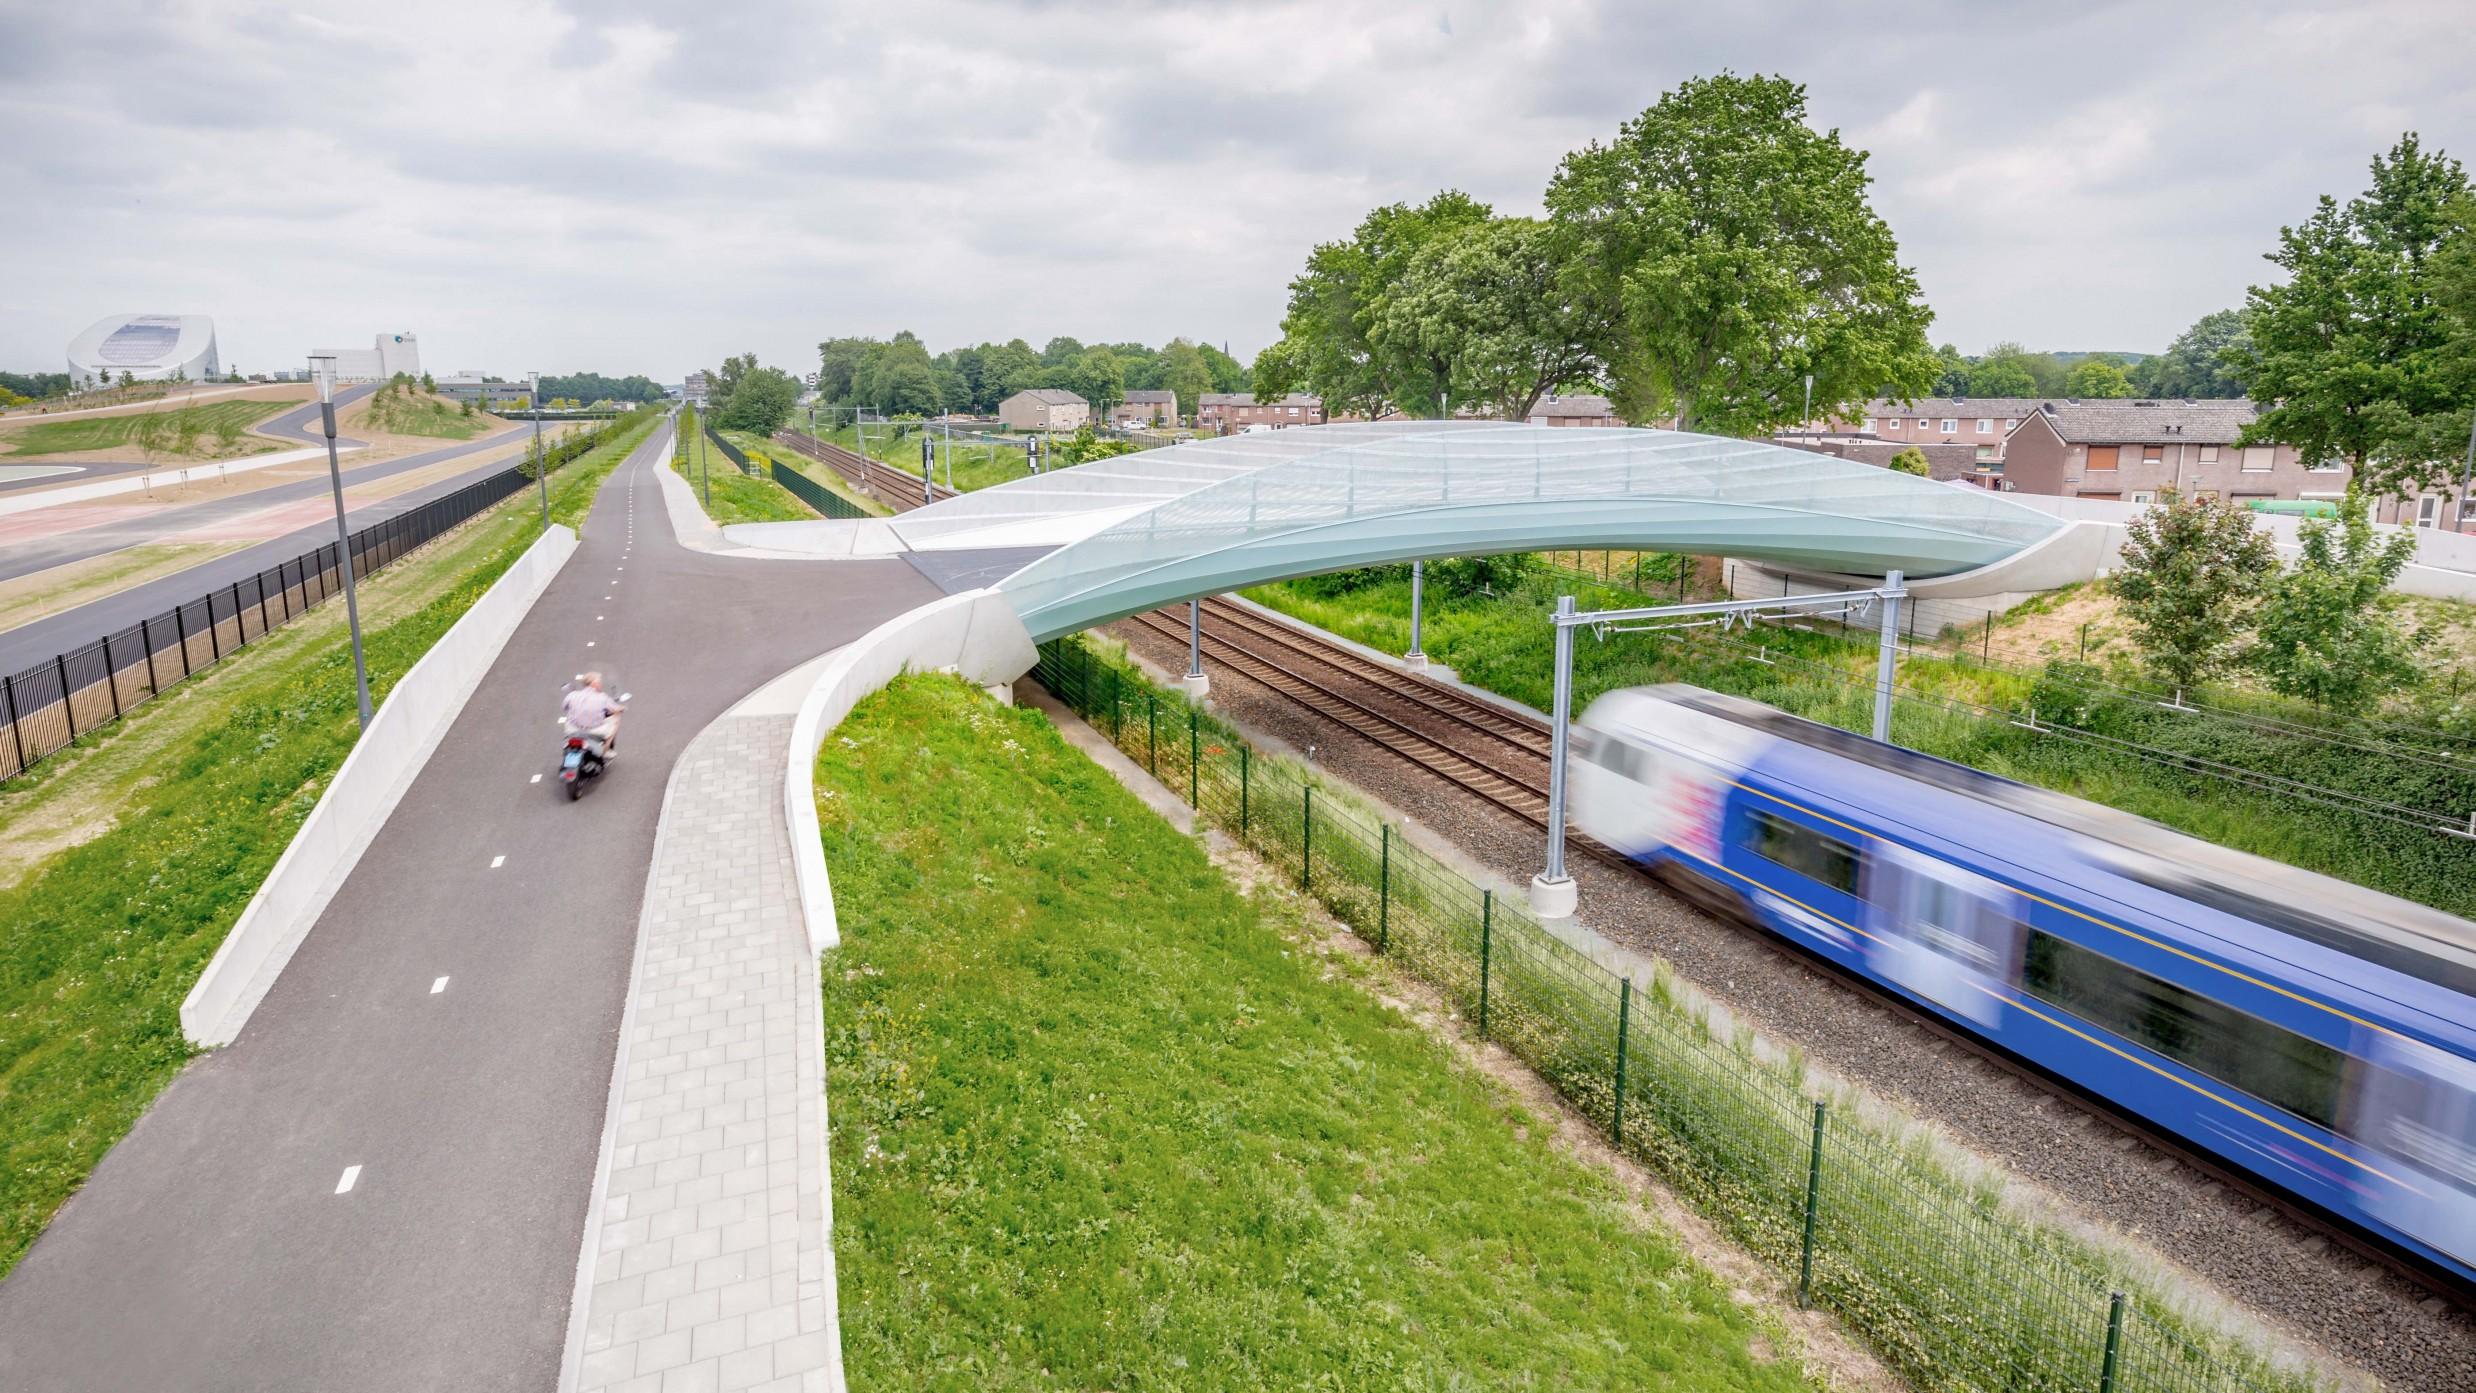 1._fiets_-en_voetgangersbrug_sittard-geleen_dura_vermeer_jlousberg